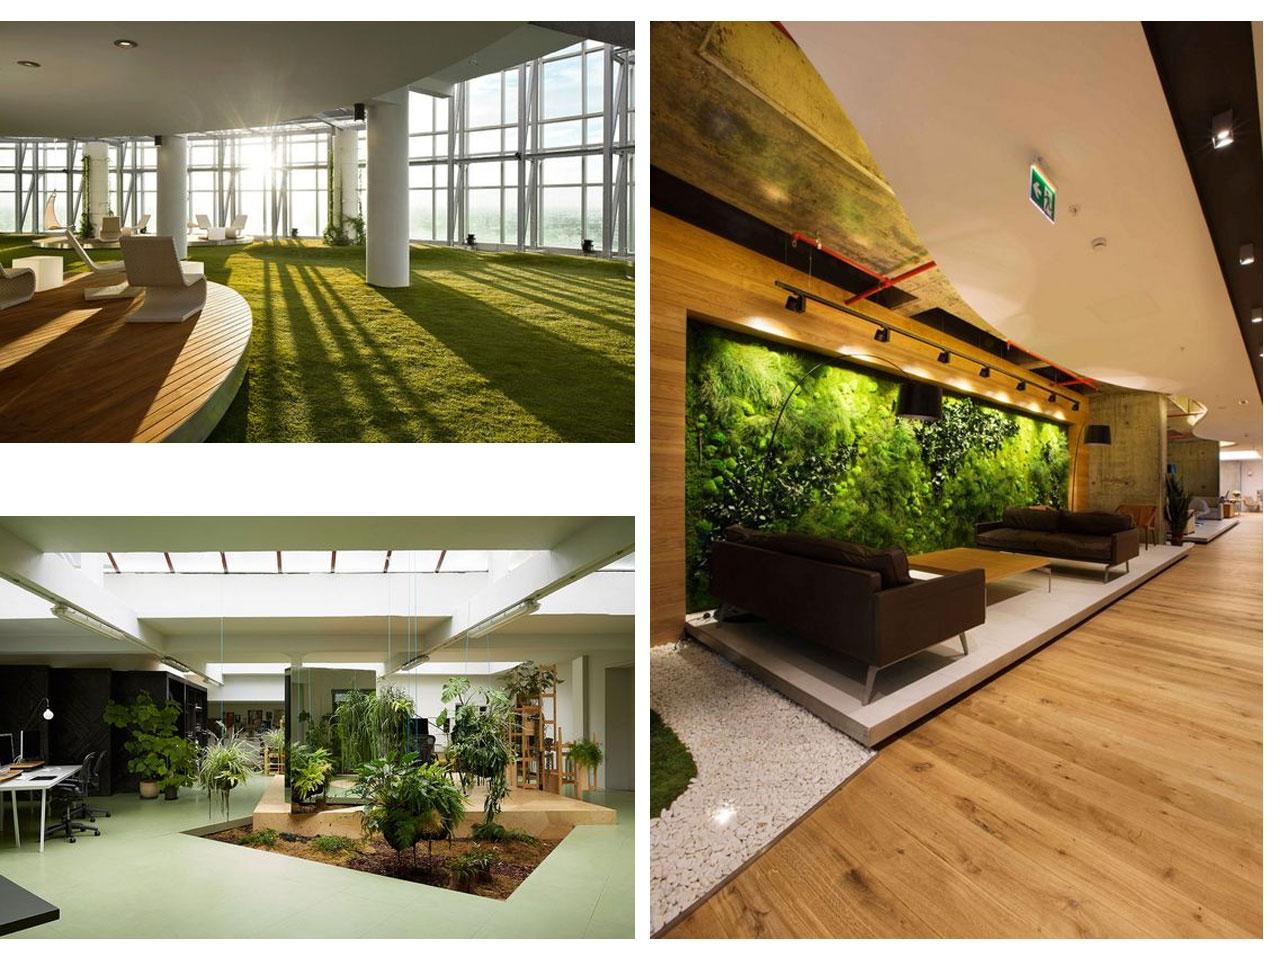 tendencias oficinas 2016 2017 dise o de interiores On diseño de jardines para oficinas